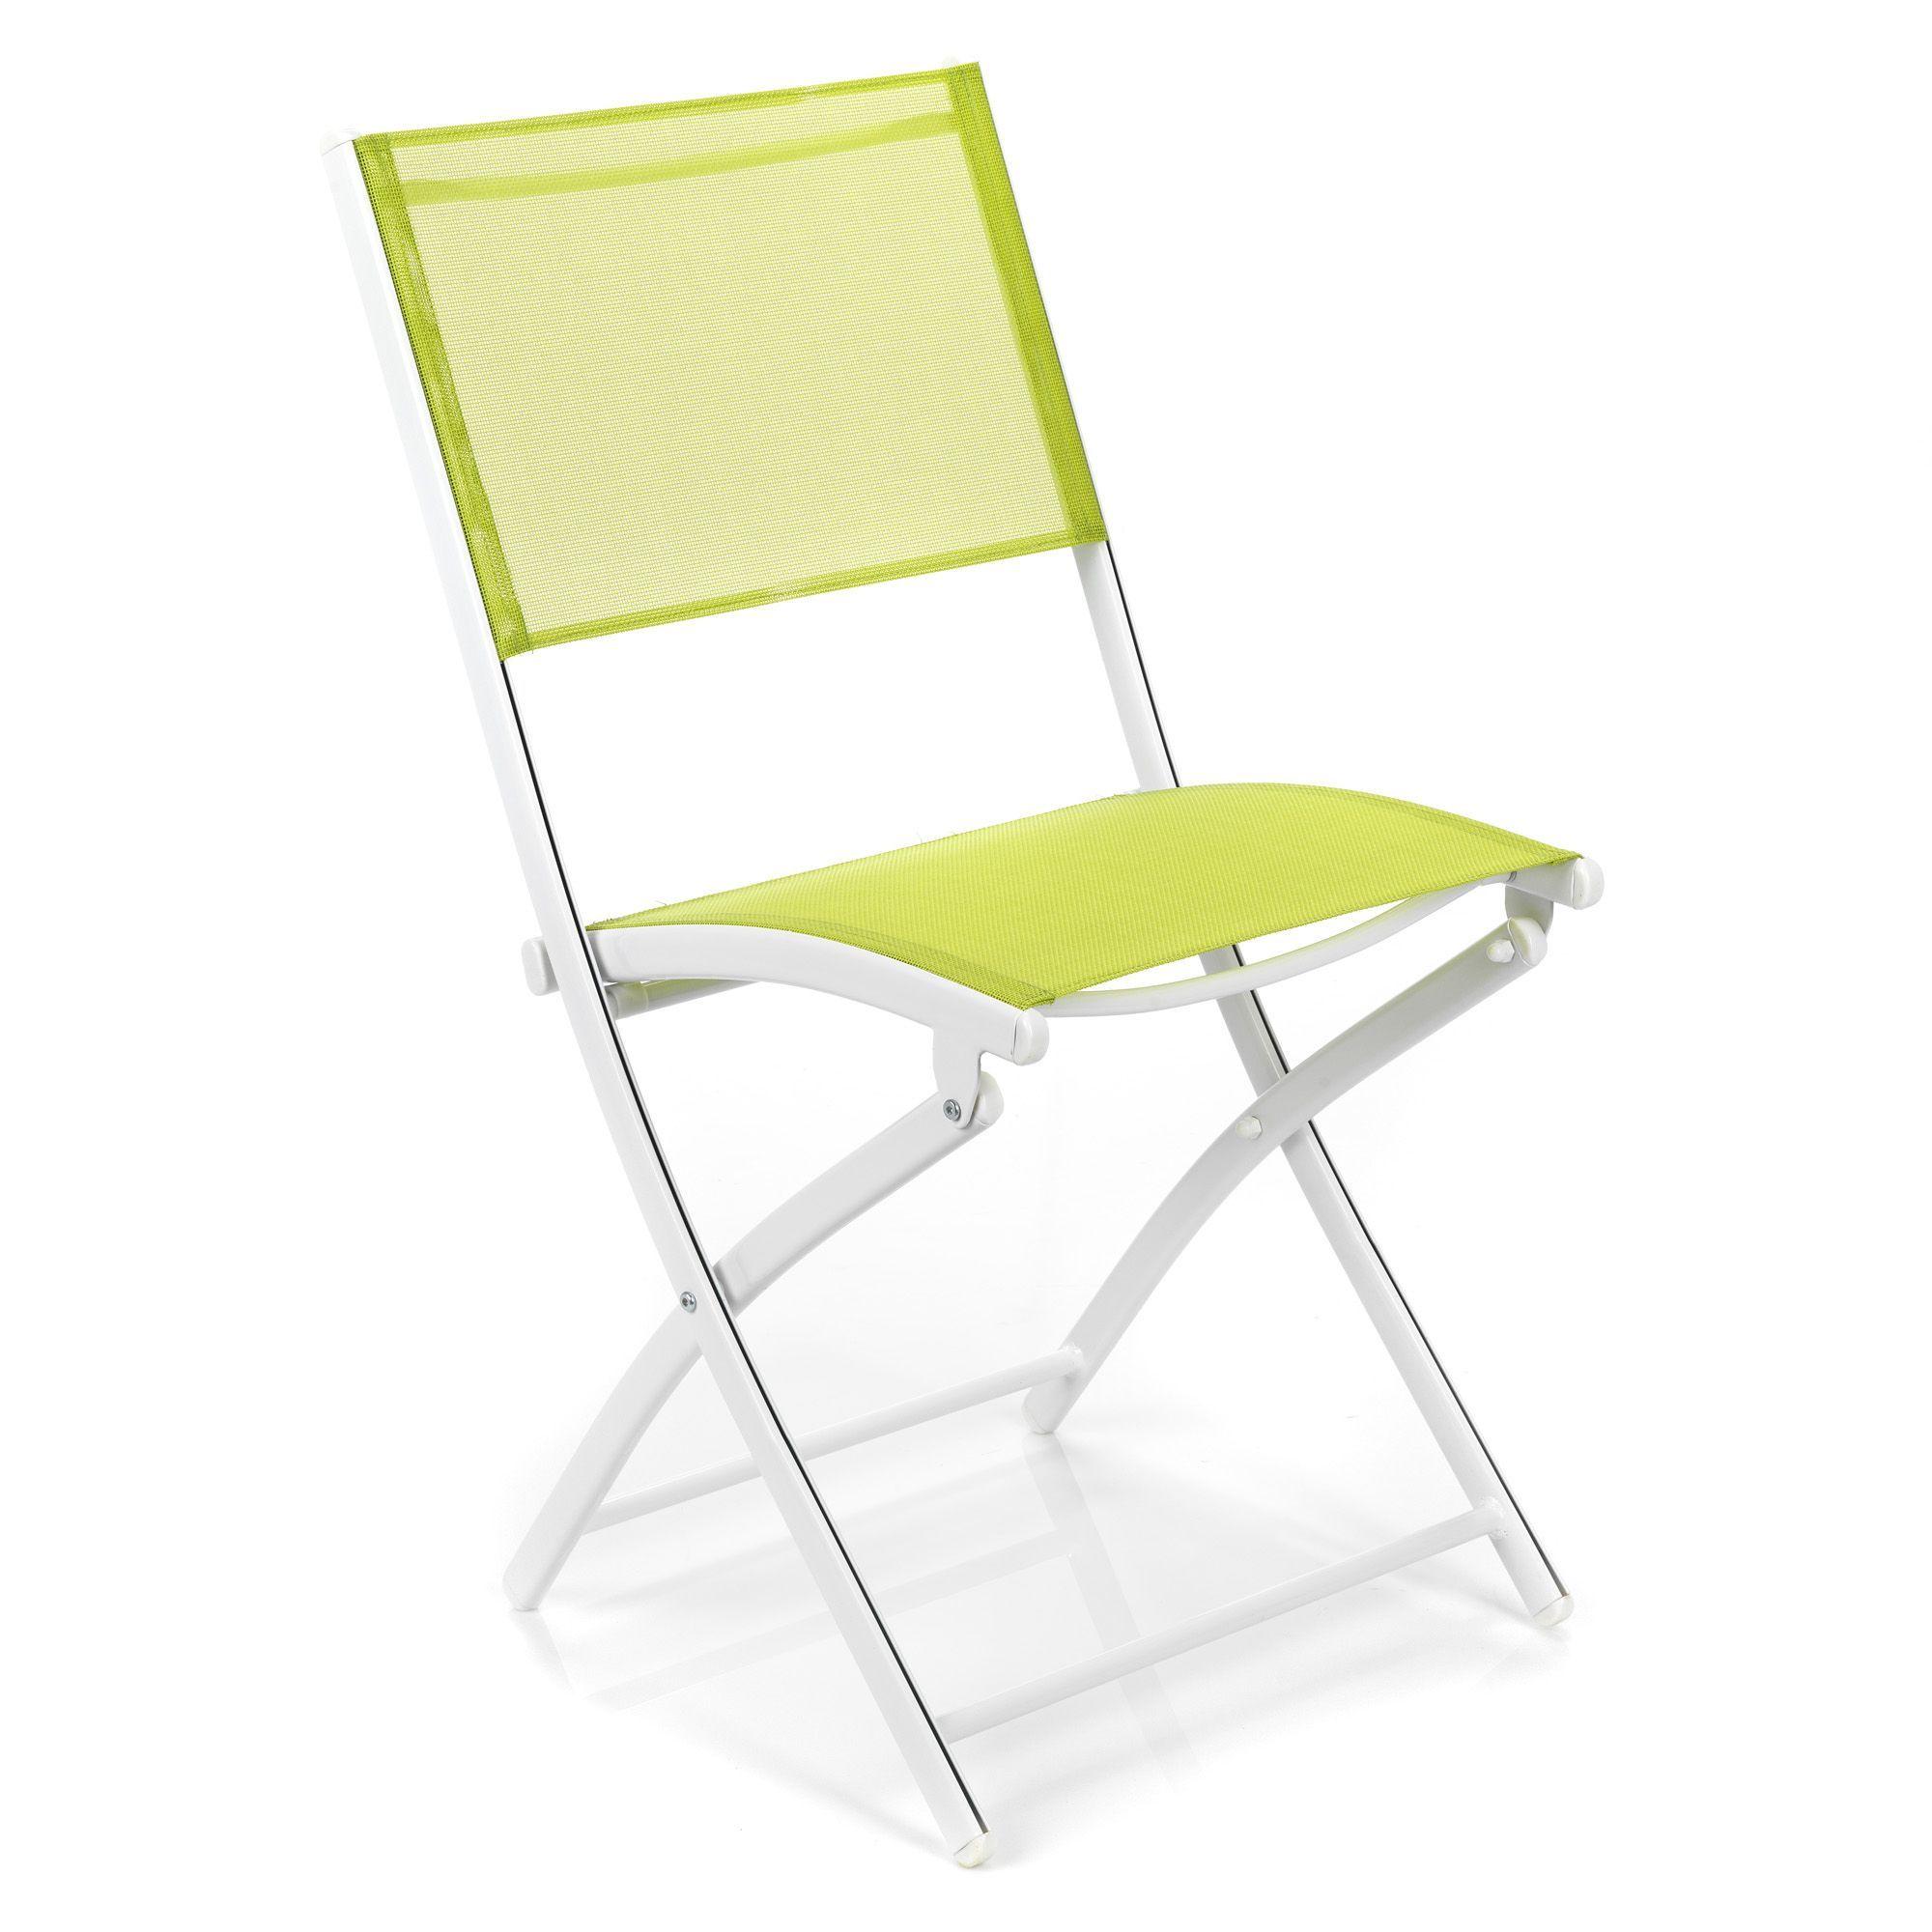 Chaise pliante de jardin blanc et vert Structure blanche ...